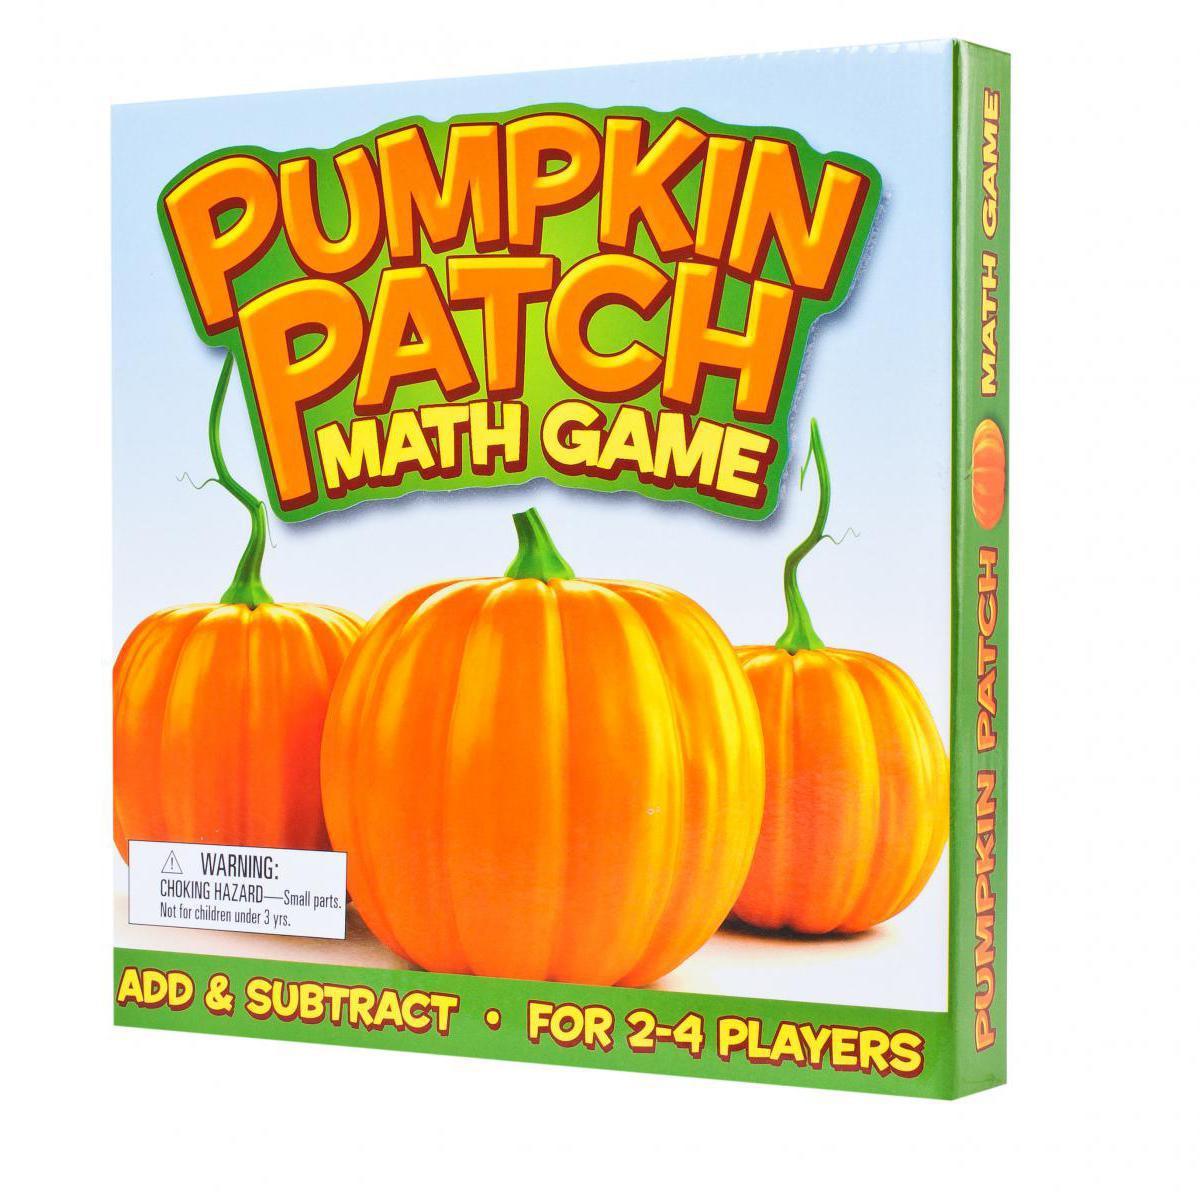 Pumpkin Patch Math Game